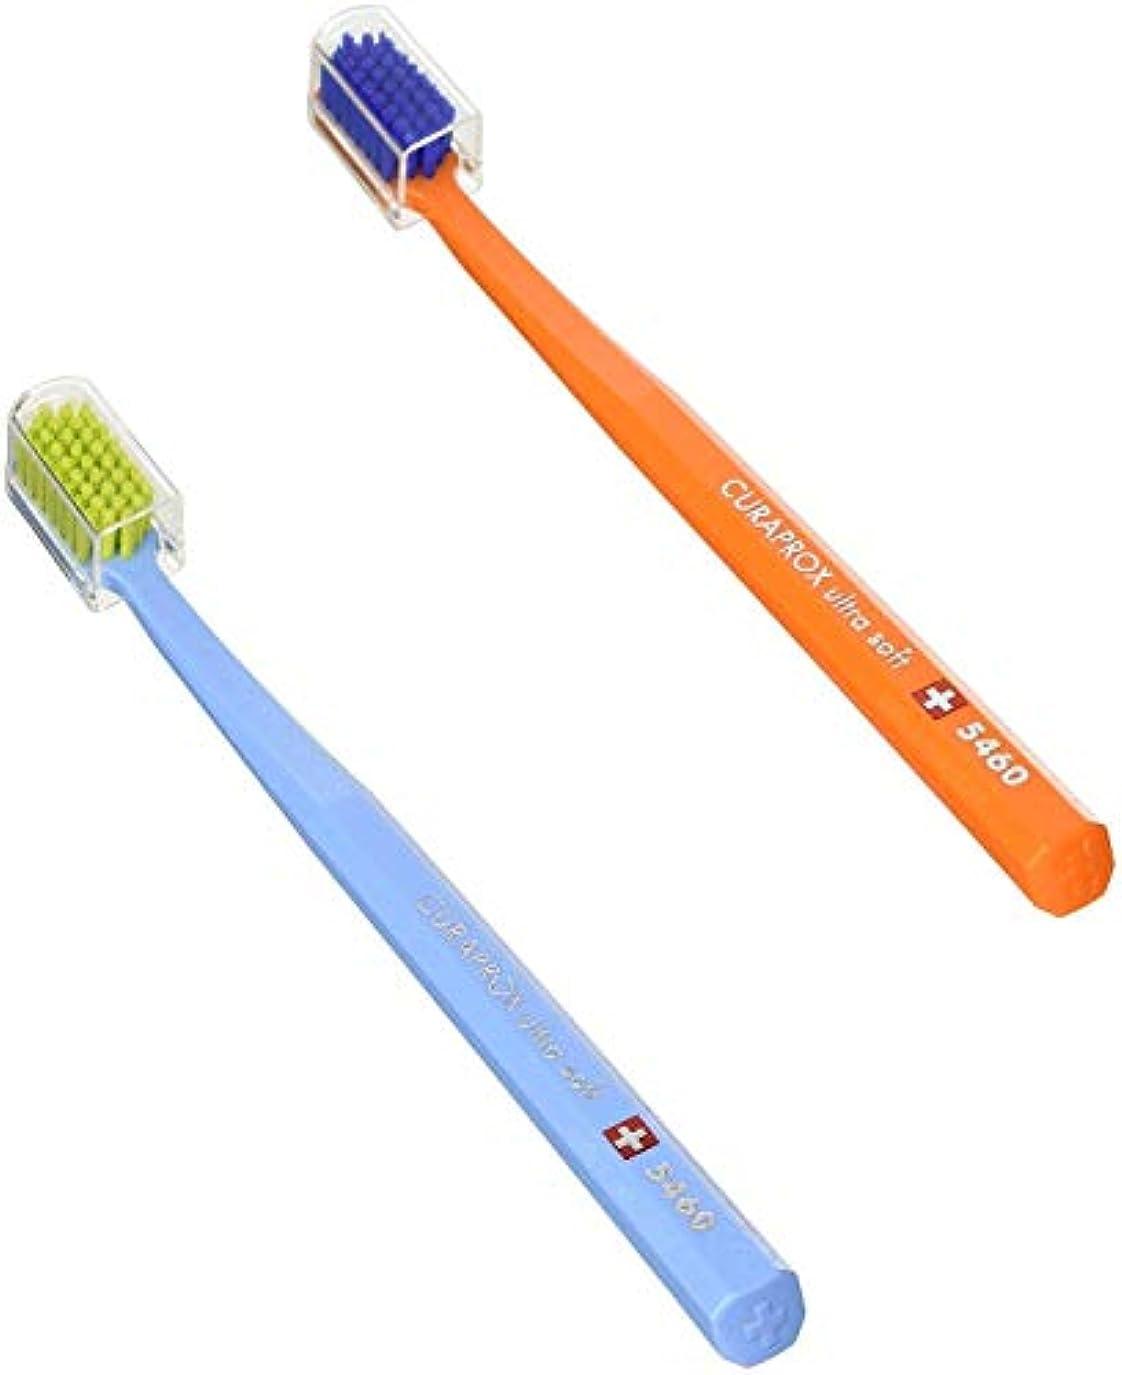 離婚明らかに調停するキュラプロックス 5460ウルトラソフト歯ブラシ 2本